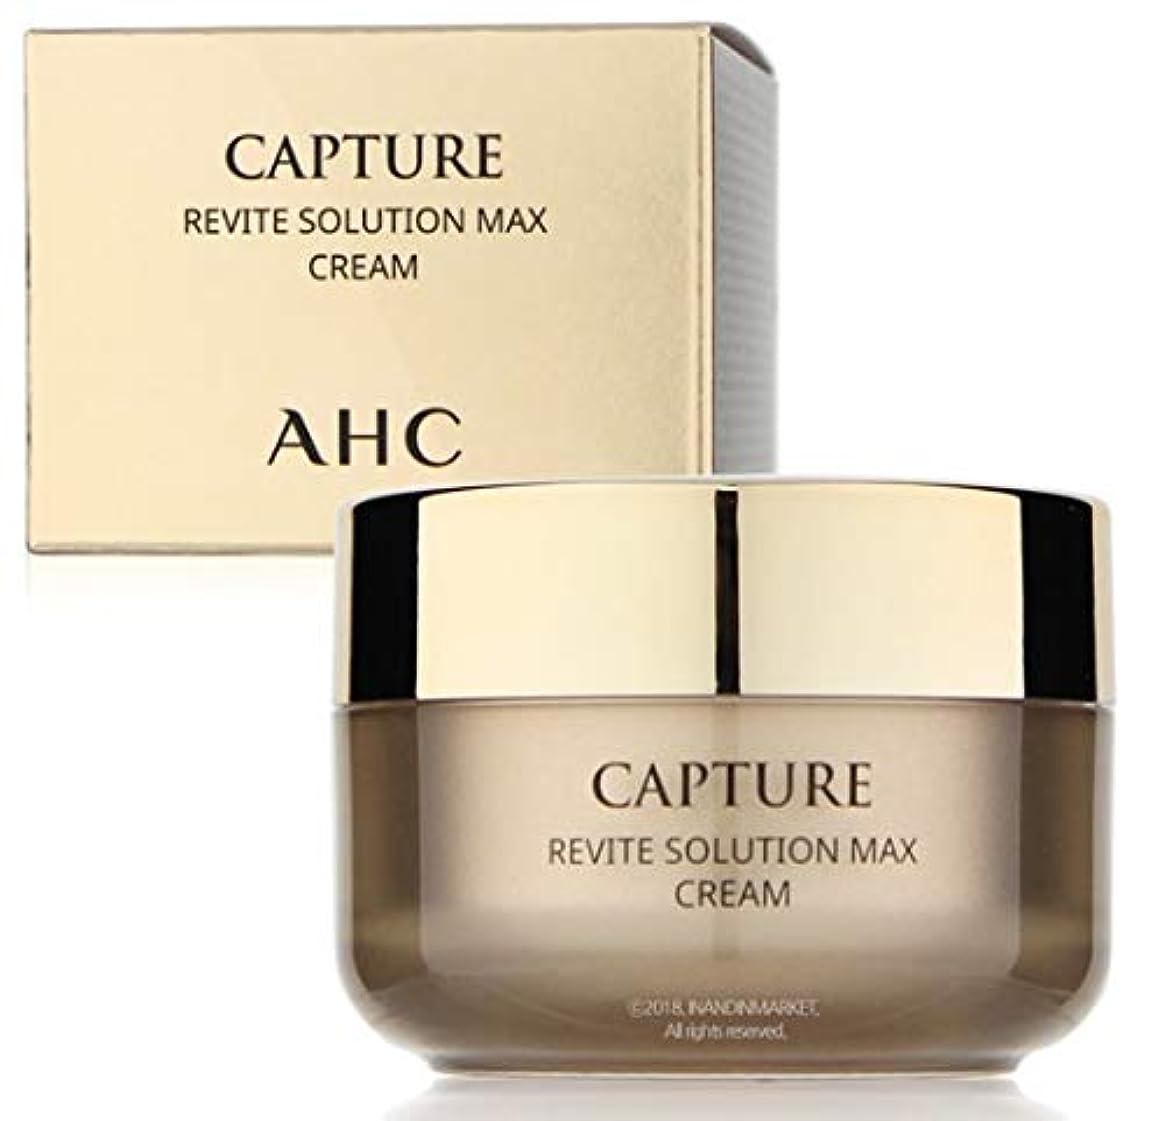 ビート通信網施しAHC Capture Revite Solution Max Cream/キャプチャー リバイト ソリューション マックス クリーム 50ml [並行輸入品]